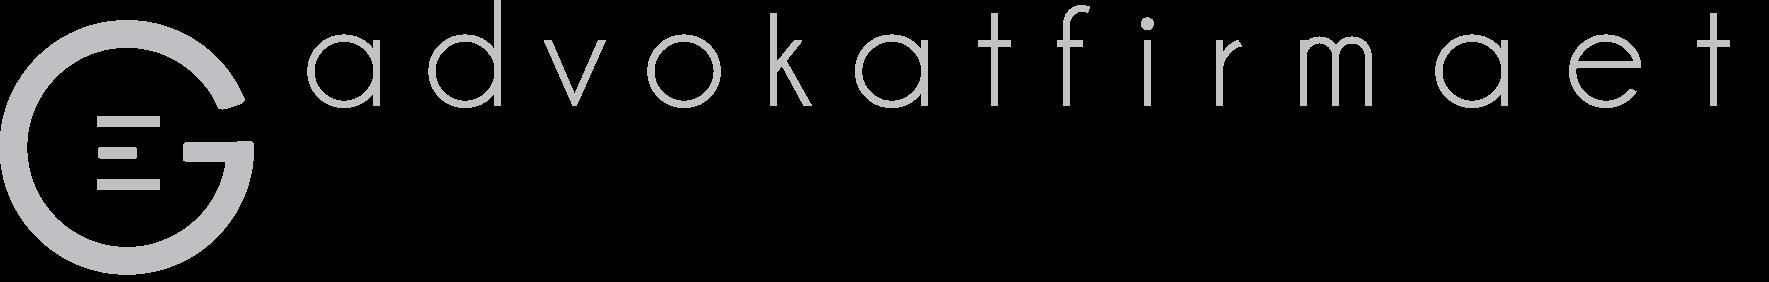 erling-grimstad-logo